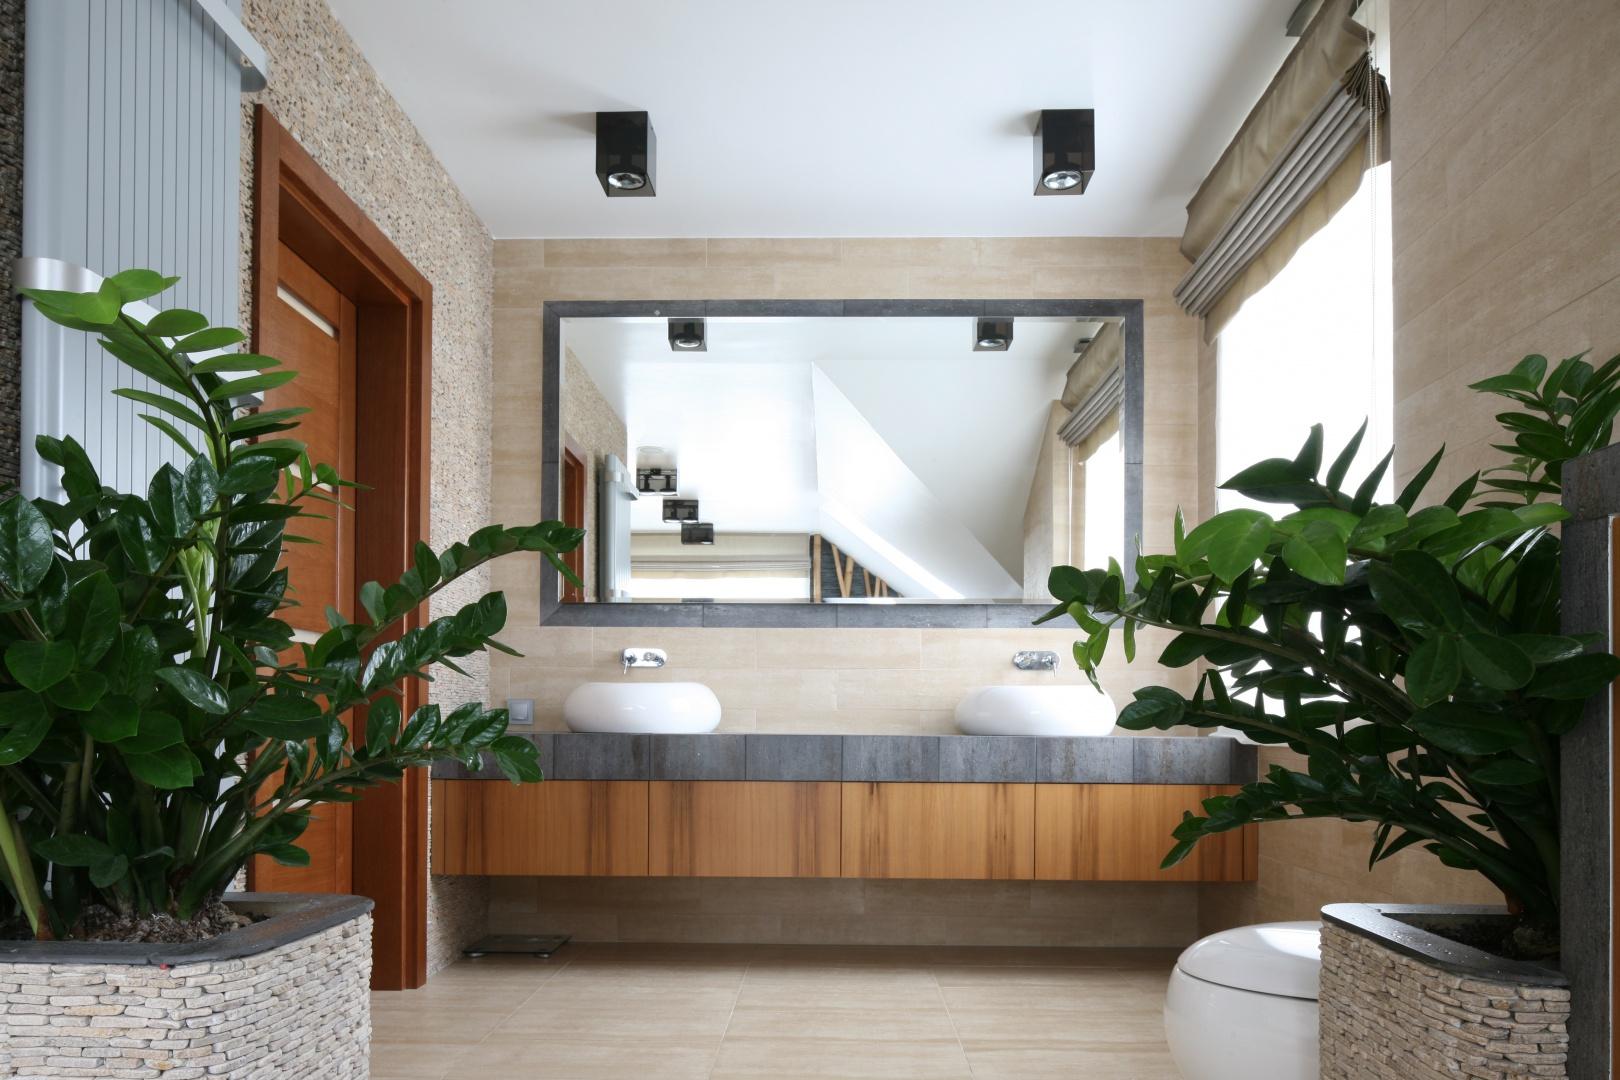 Klimat SPA zapewniają łazience rośliny zielone umieszczone w specjalnie zaprojektowanych i wykonanych  z kamienia donicach. Proj. Karolina Łuczyńska. Fot. Bartosz Jarosz.